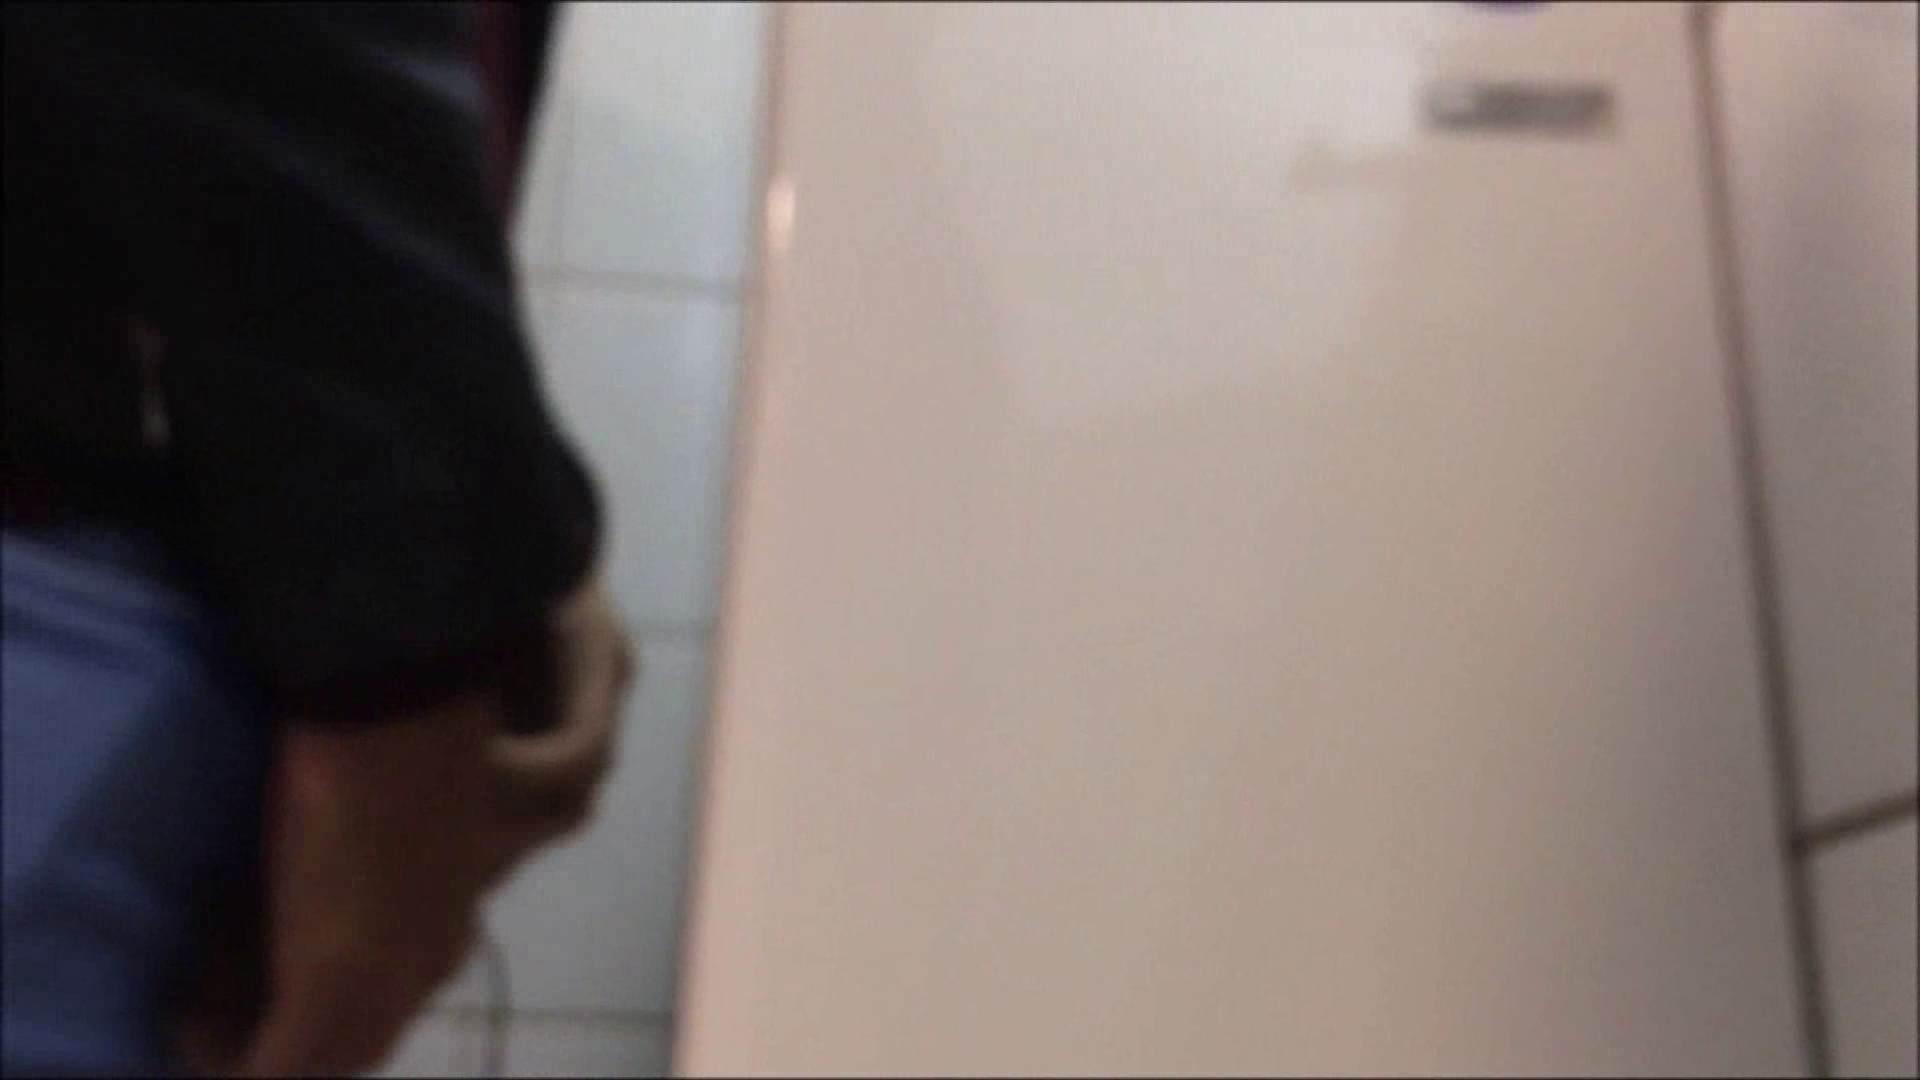 ゲイエロ動画|すみませんが覗かせてください Vol.08|放尿